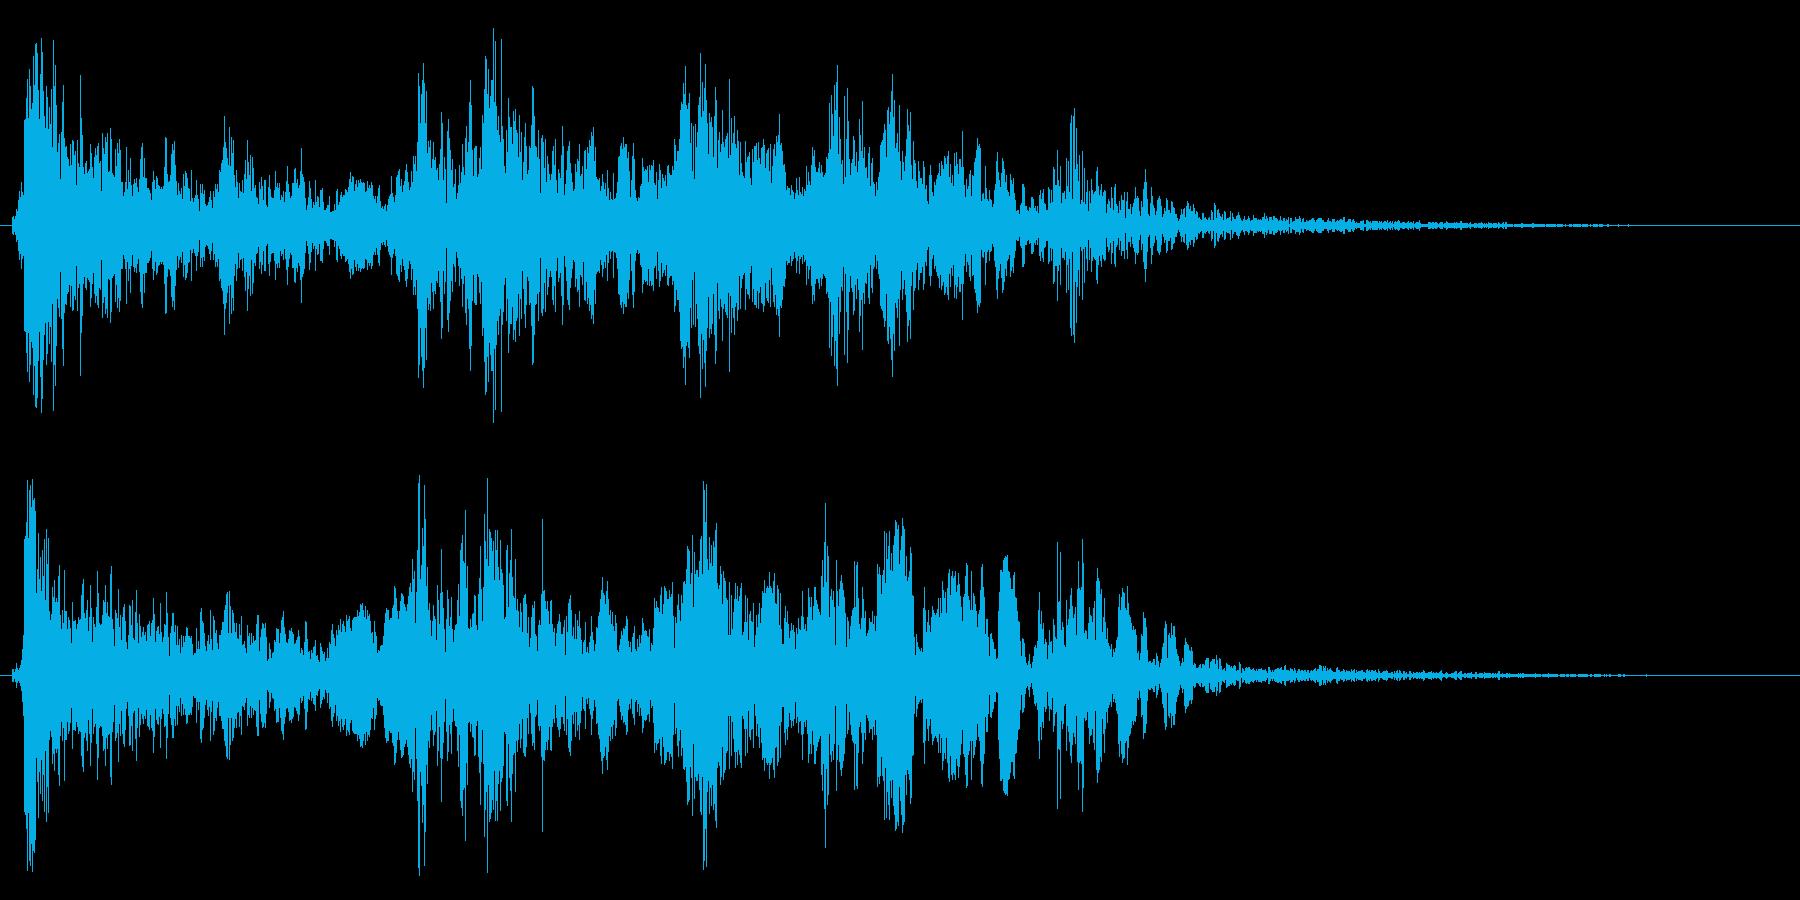 ドンガラガッシャン(静かめ)の再生済みの波形